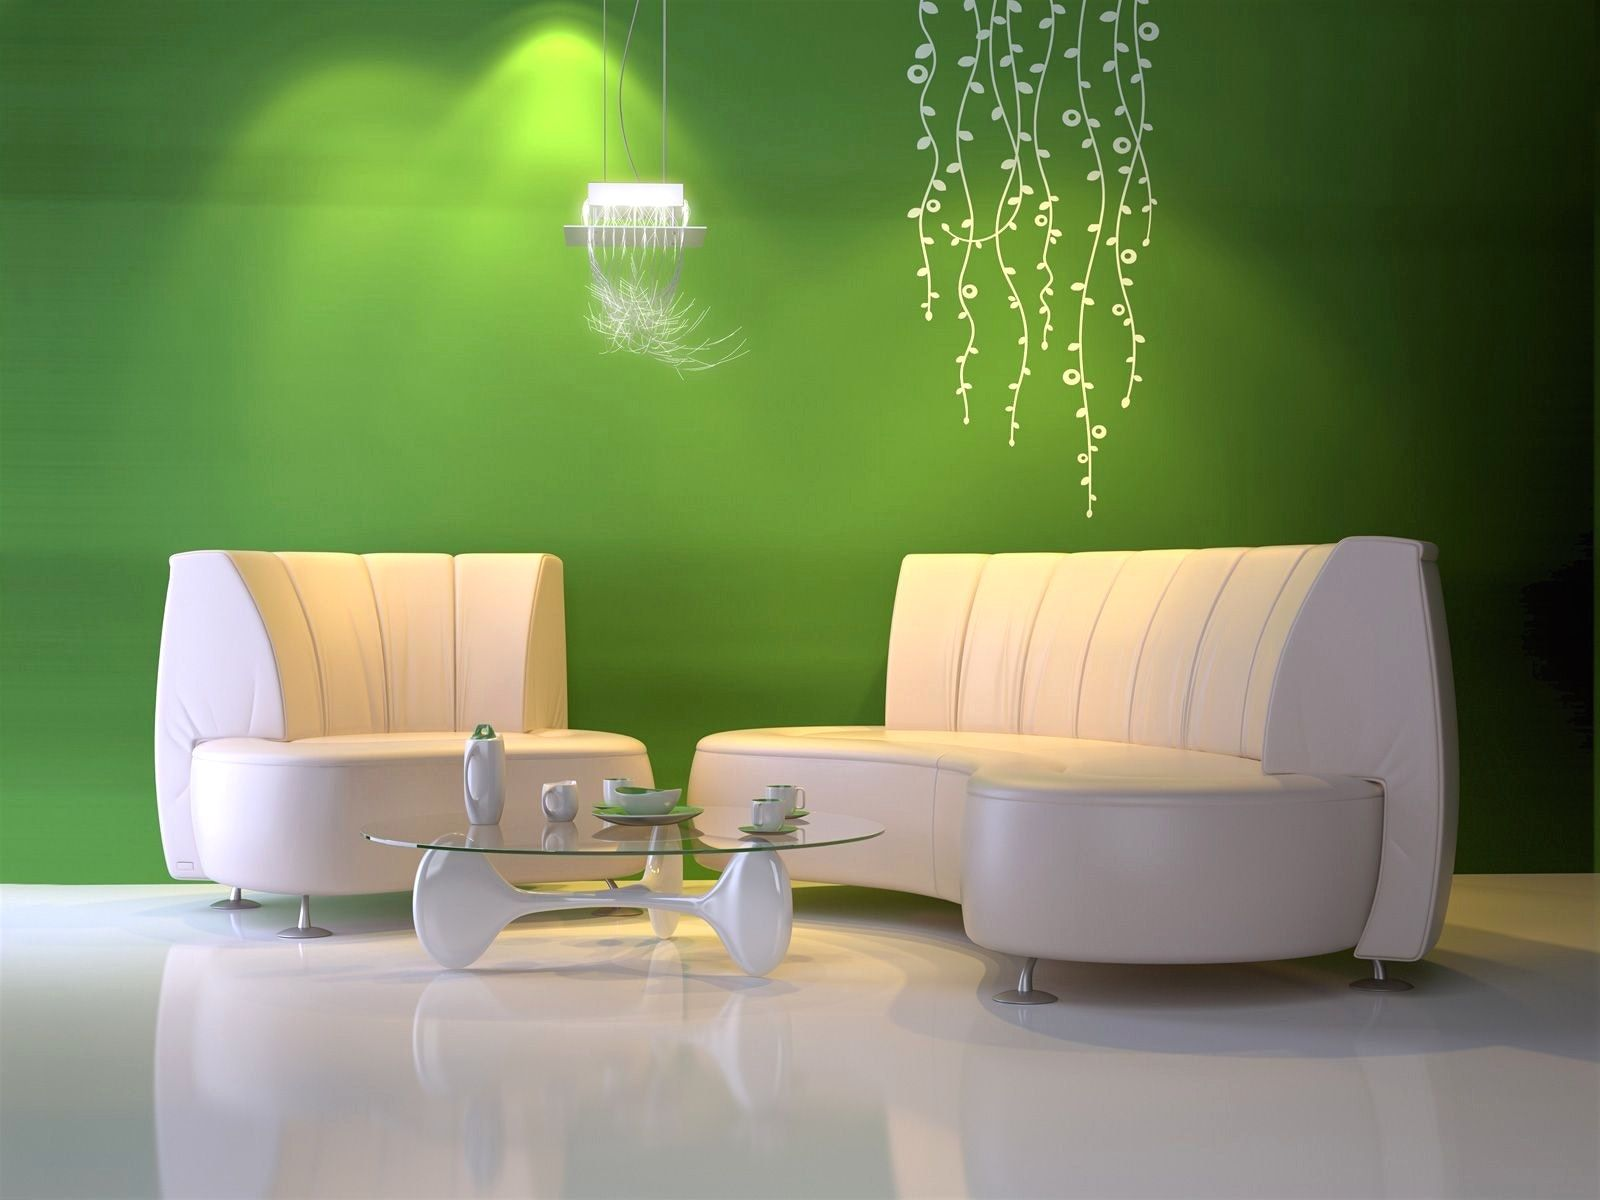 Hochwertig Wohnzimmer Ideen Wandgestaltung Grün